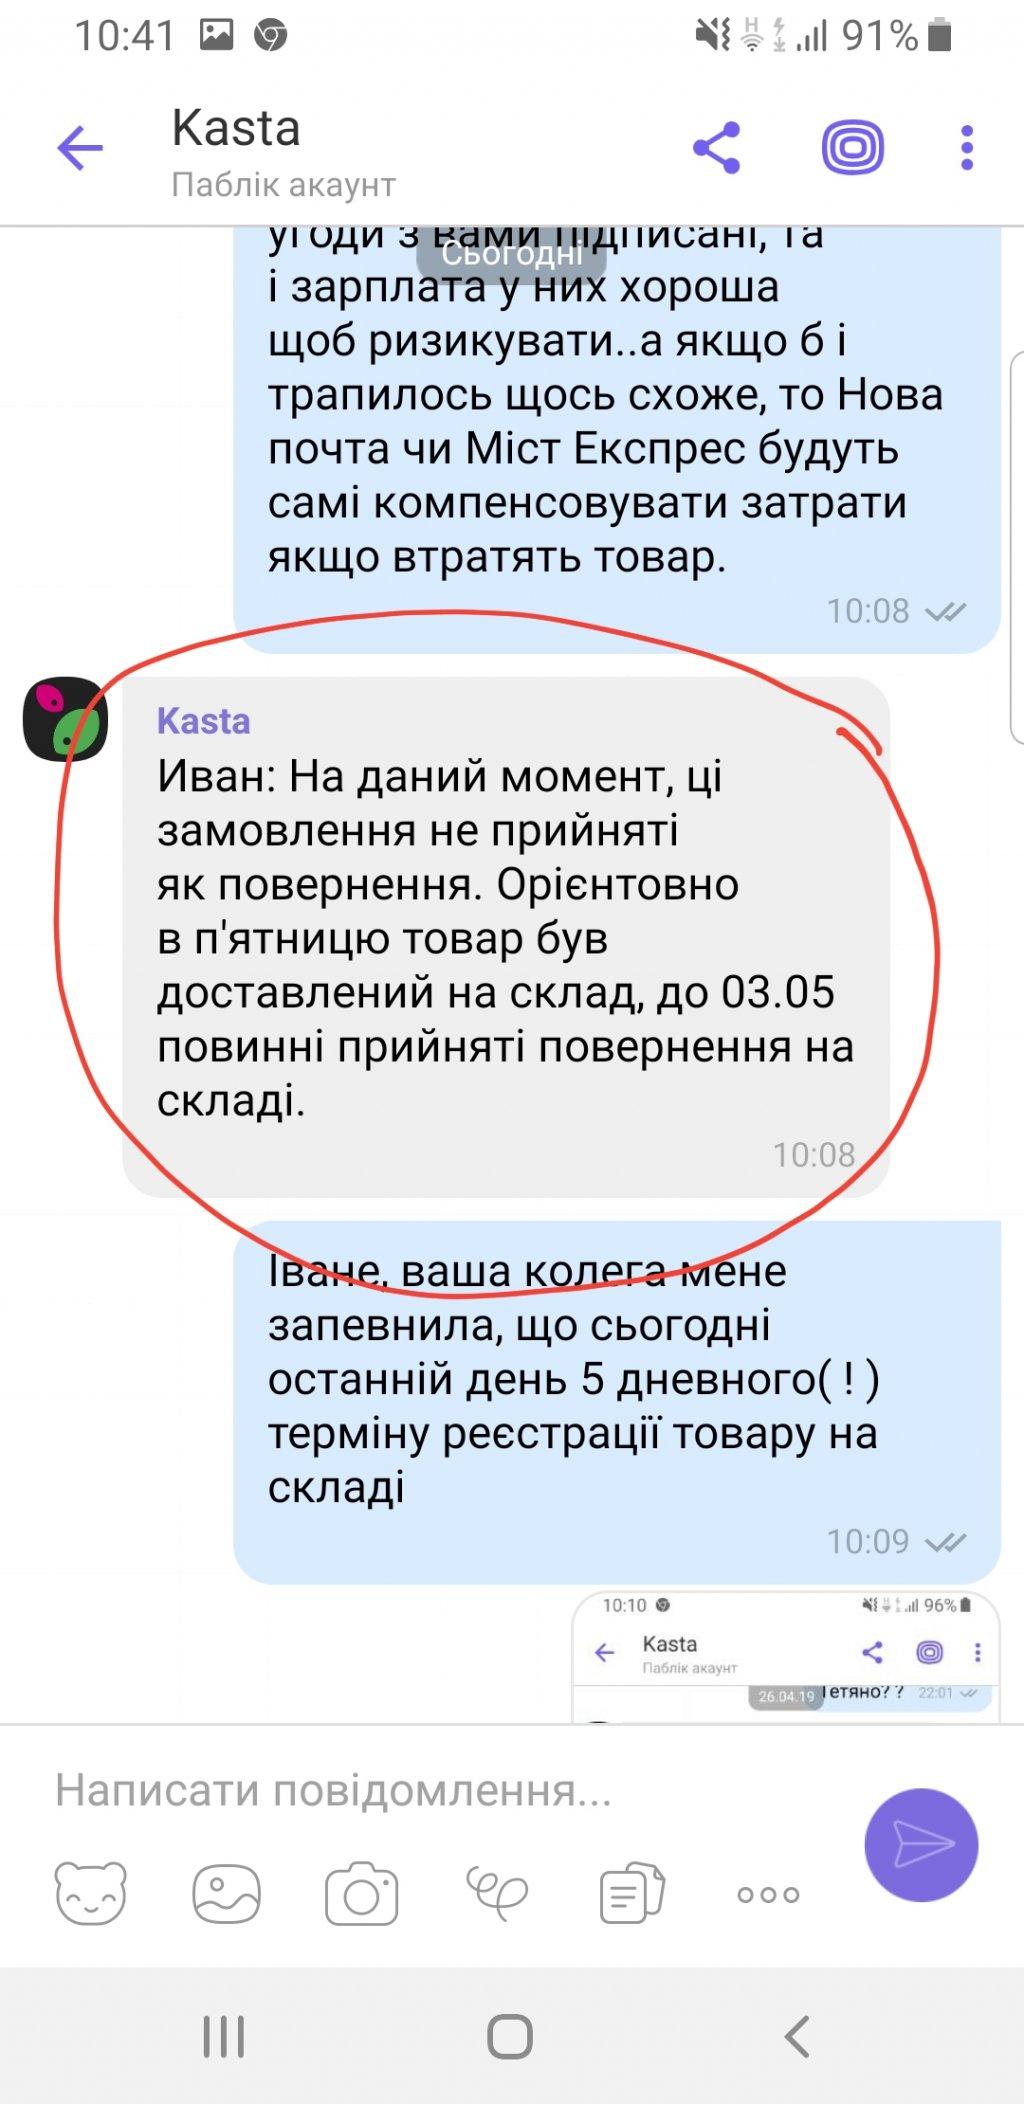 dd1eb331e1c64d6 Kasta отзывы - ответы от официального представителя - Первый ...